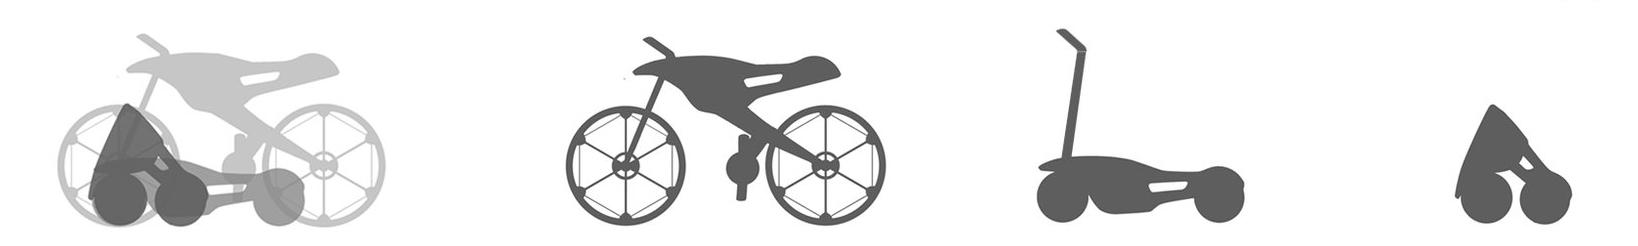 REVOLVE_wheel_bike_Andrea Mocellin